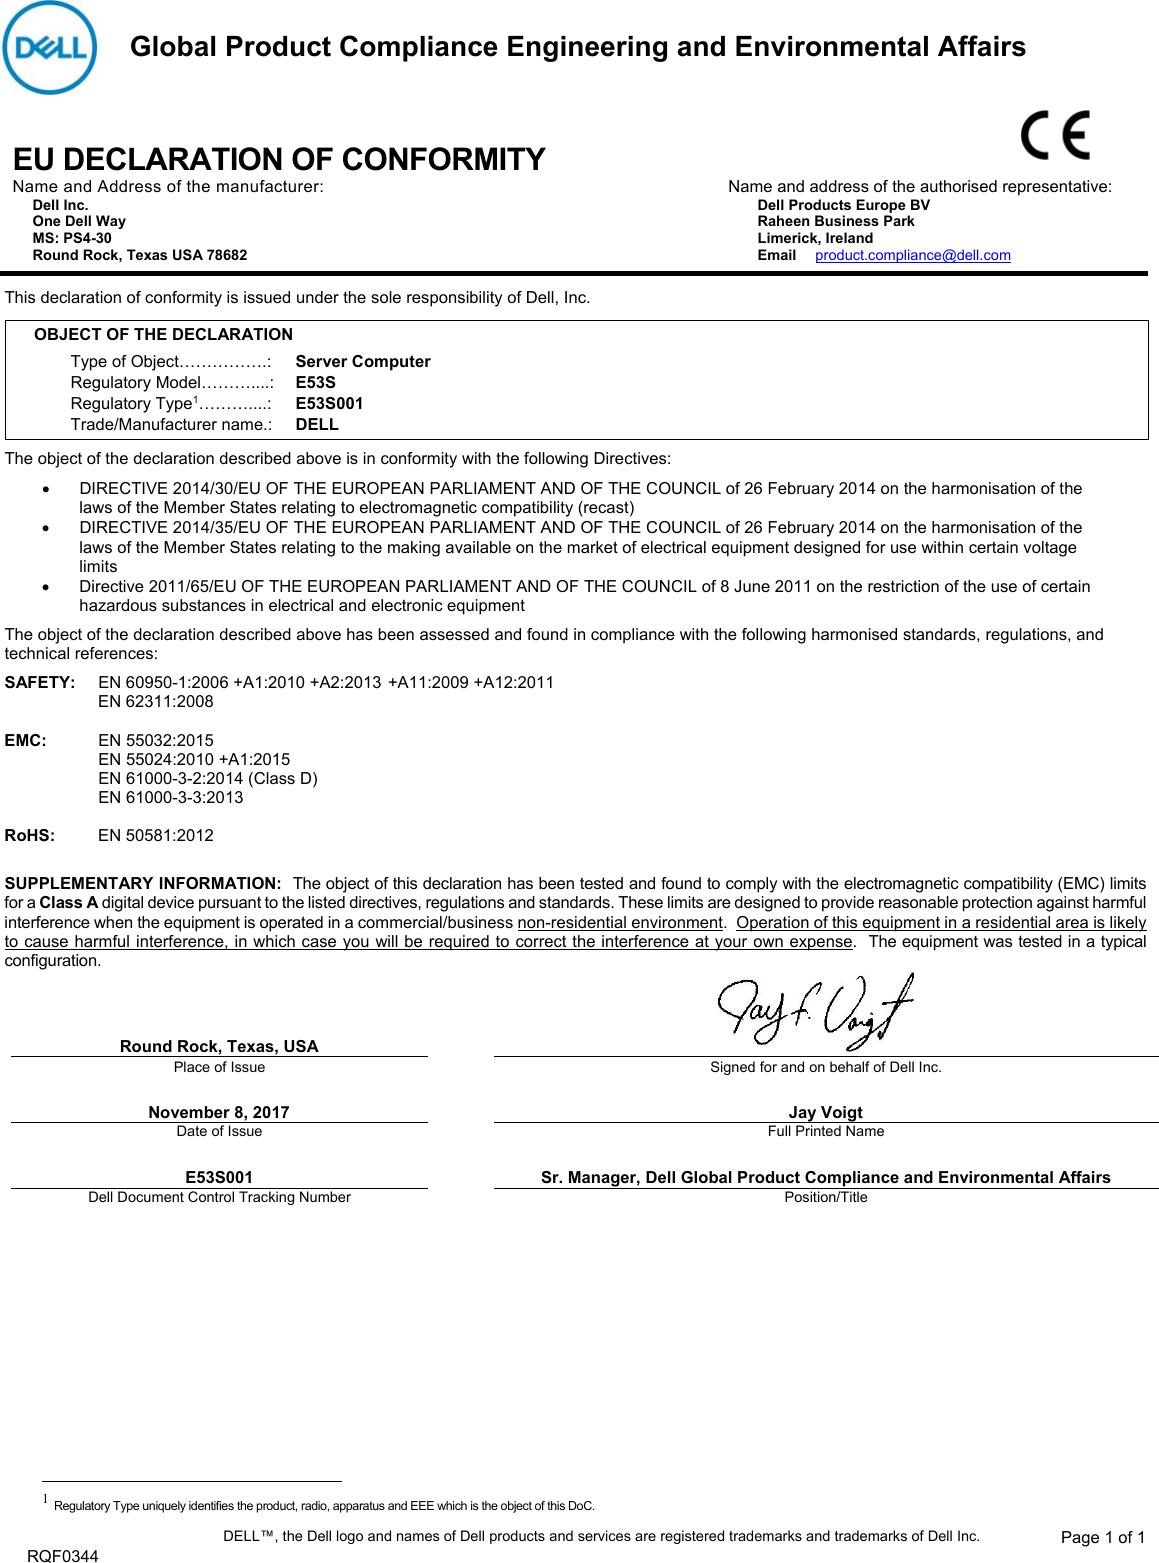 Dell Poweredge c4140 CE E53S User Manual EUROPEAN UNION